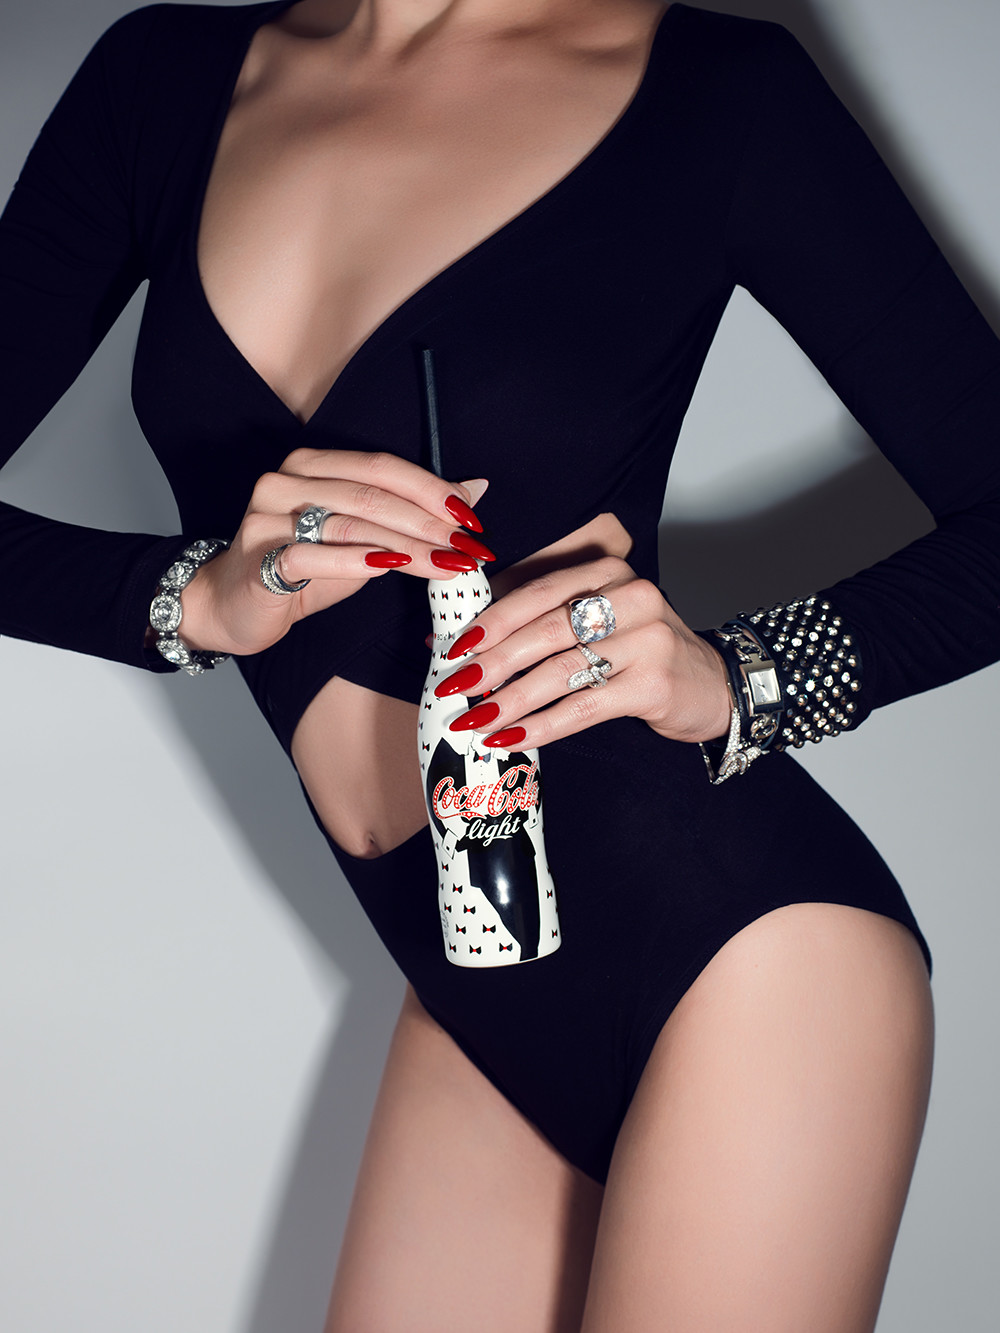 Hand und Körper make up, Model in schwarzem Body und roten Nägeln